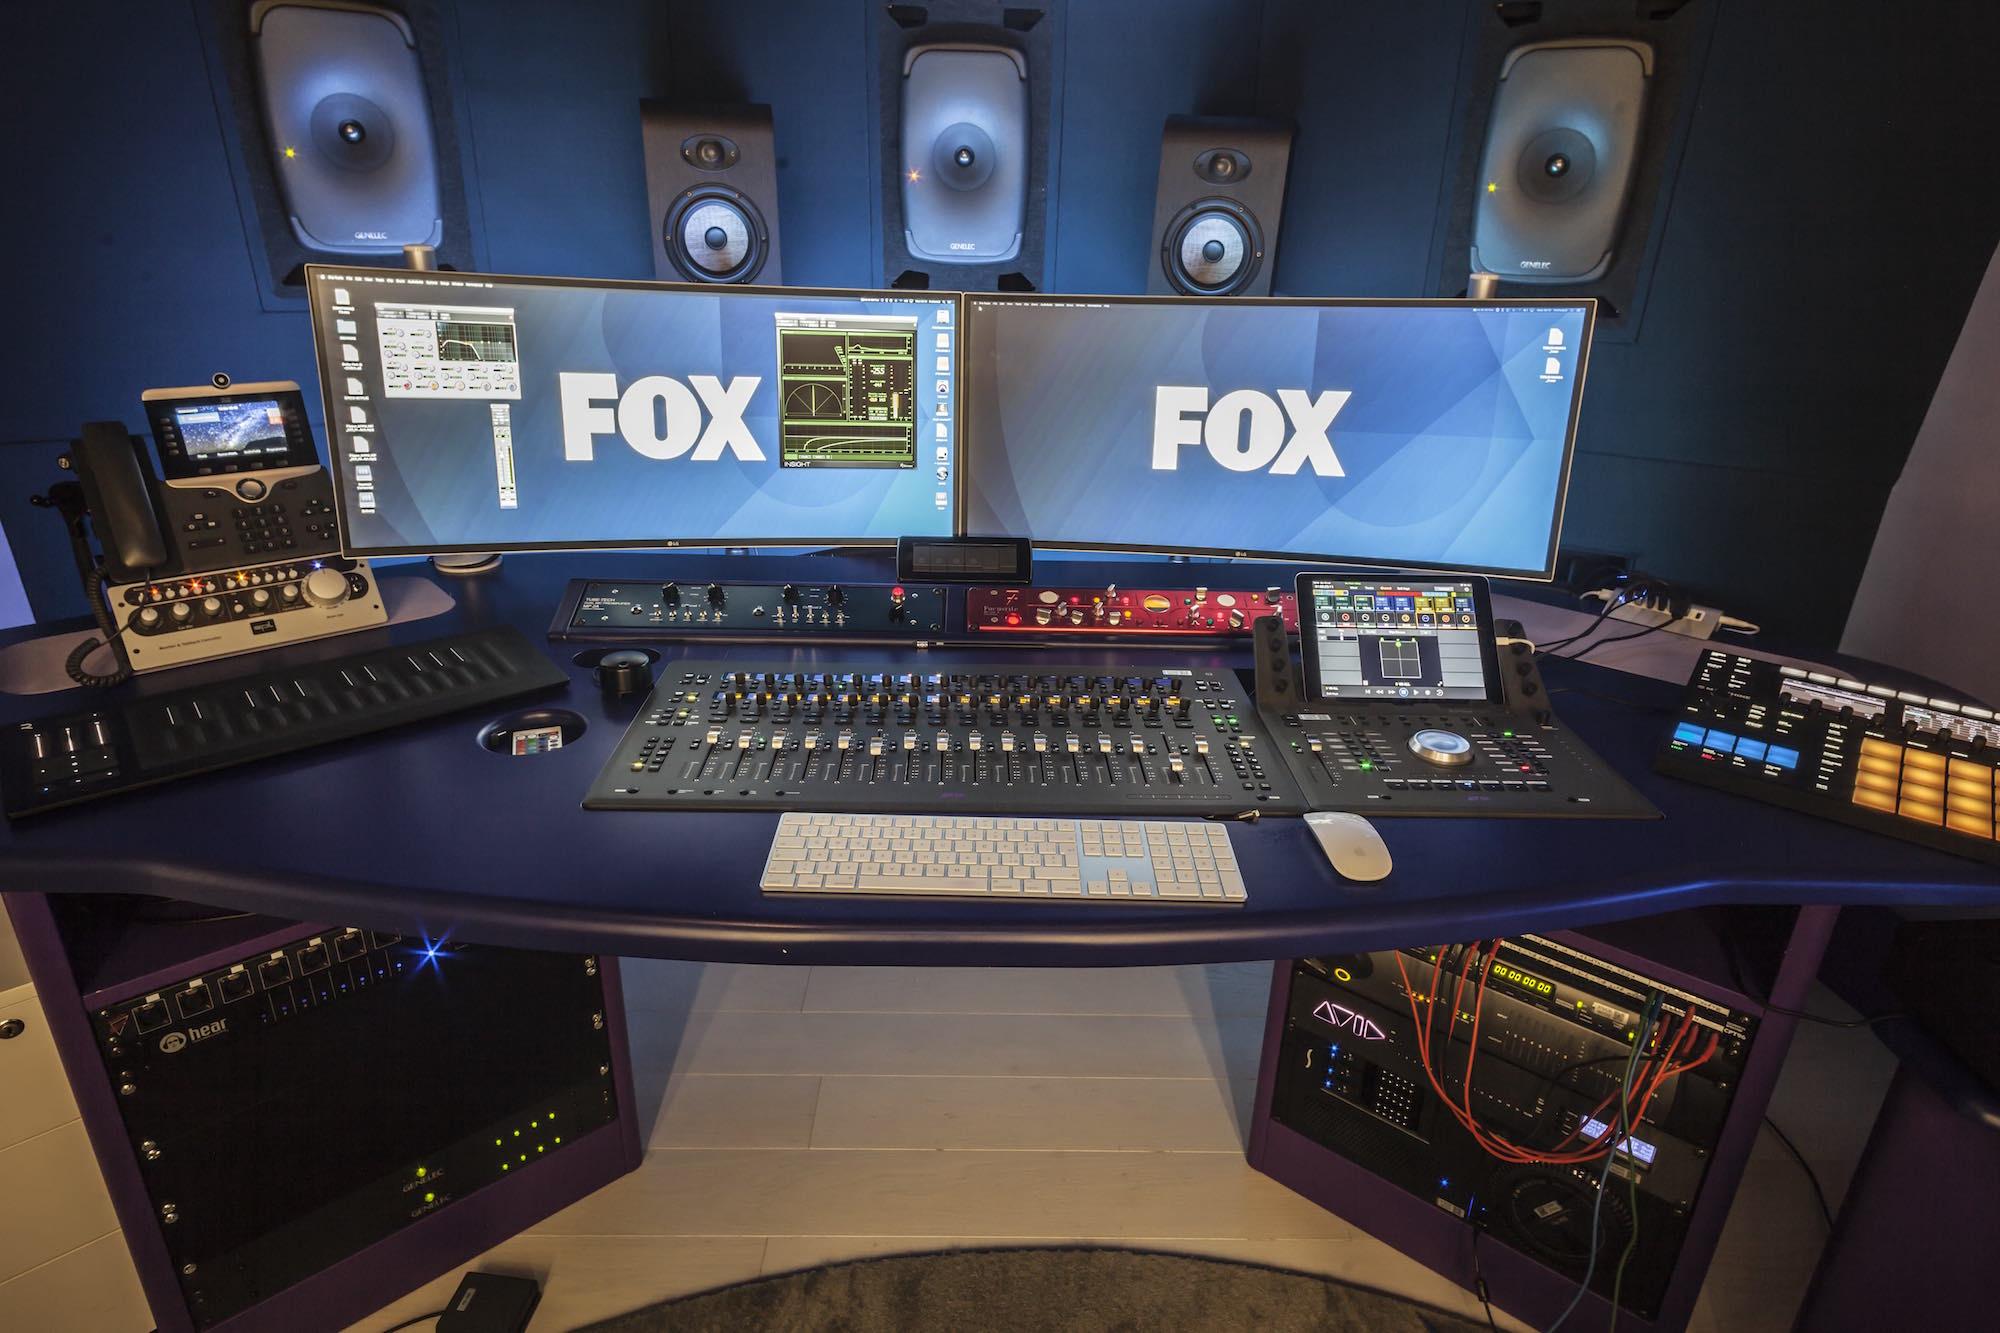 FOX studi tv intervista pro audio audiofader